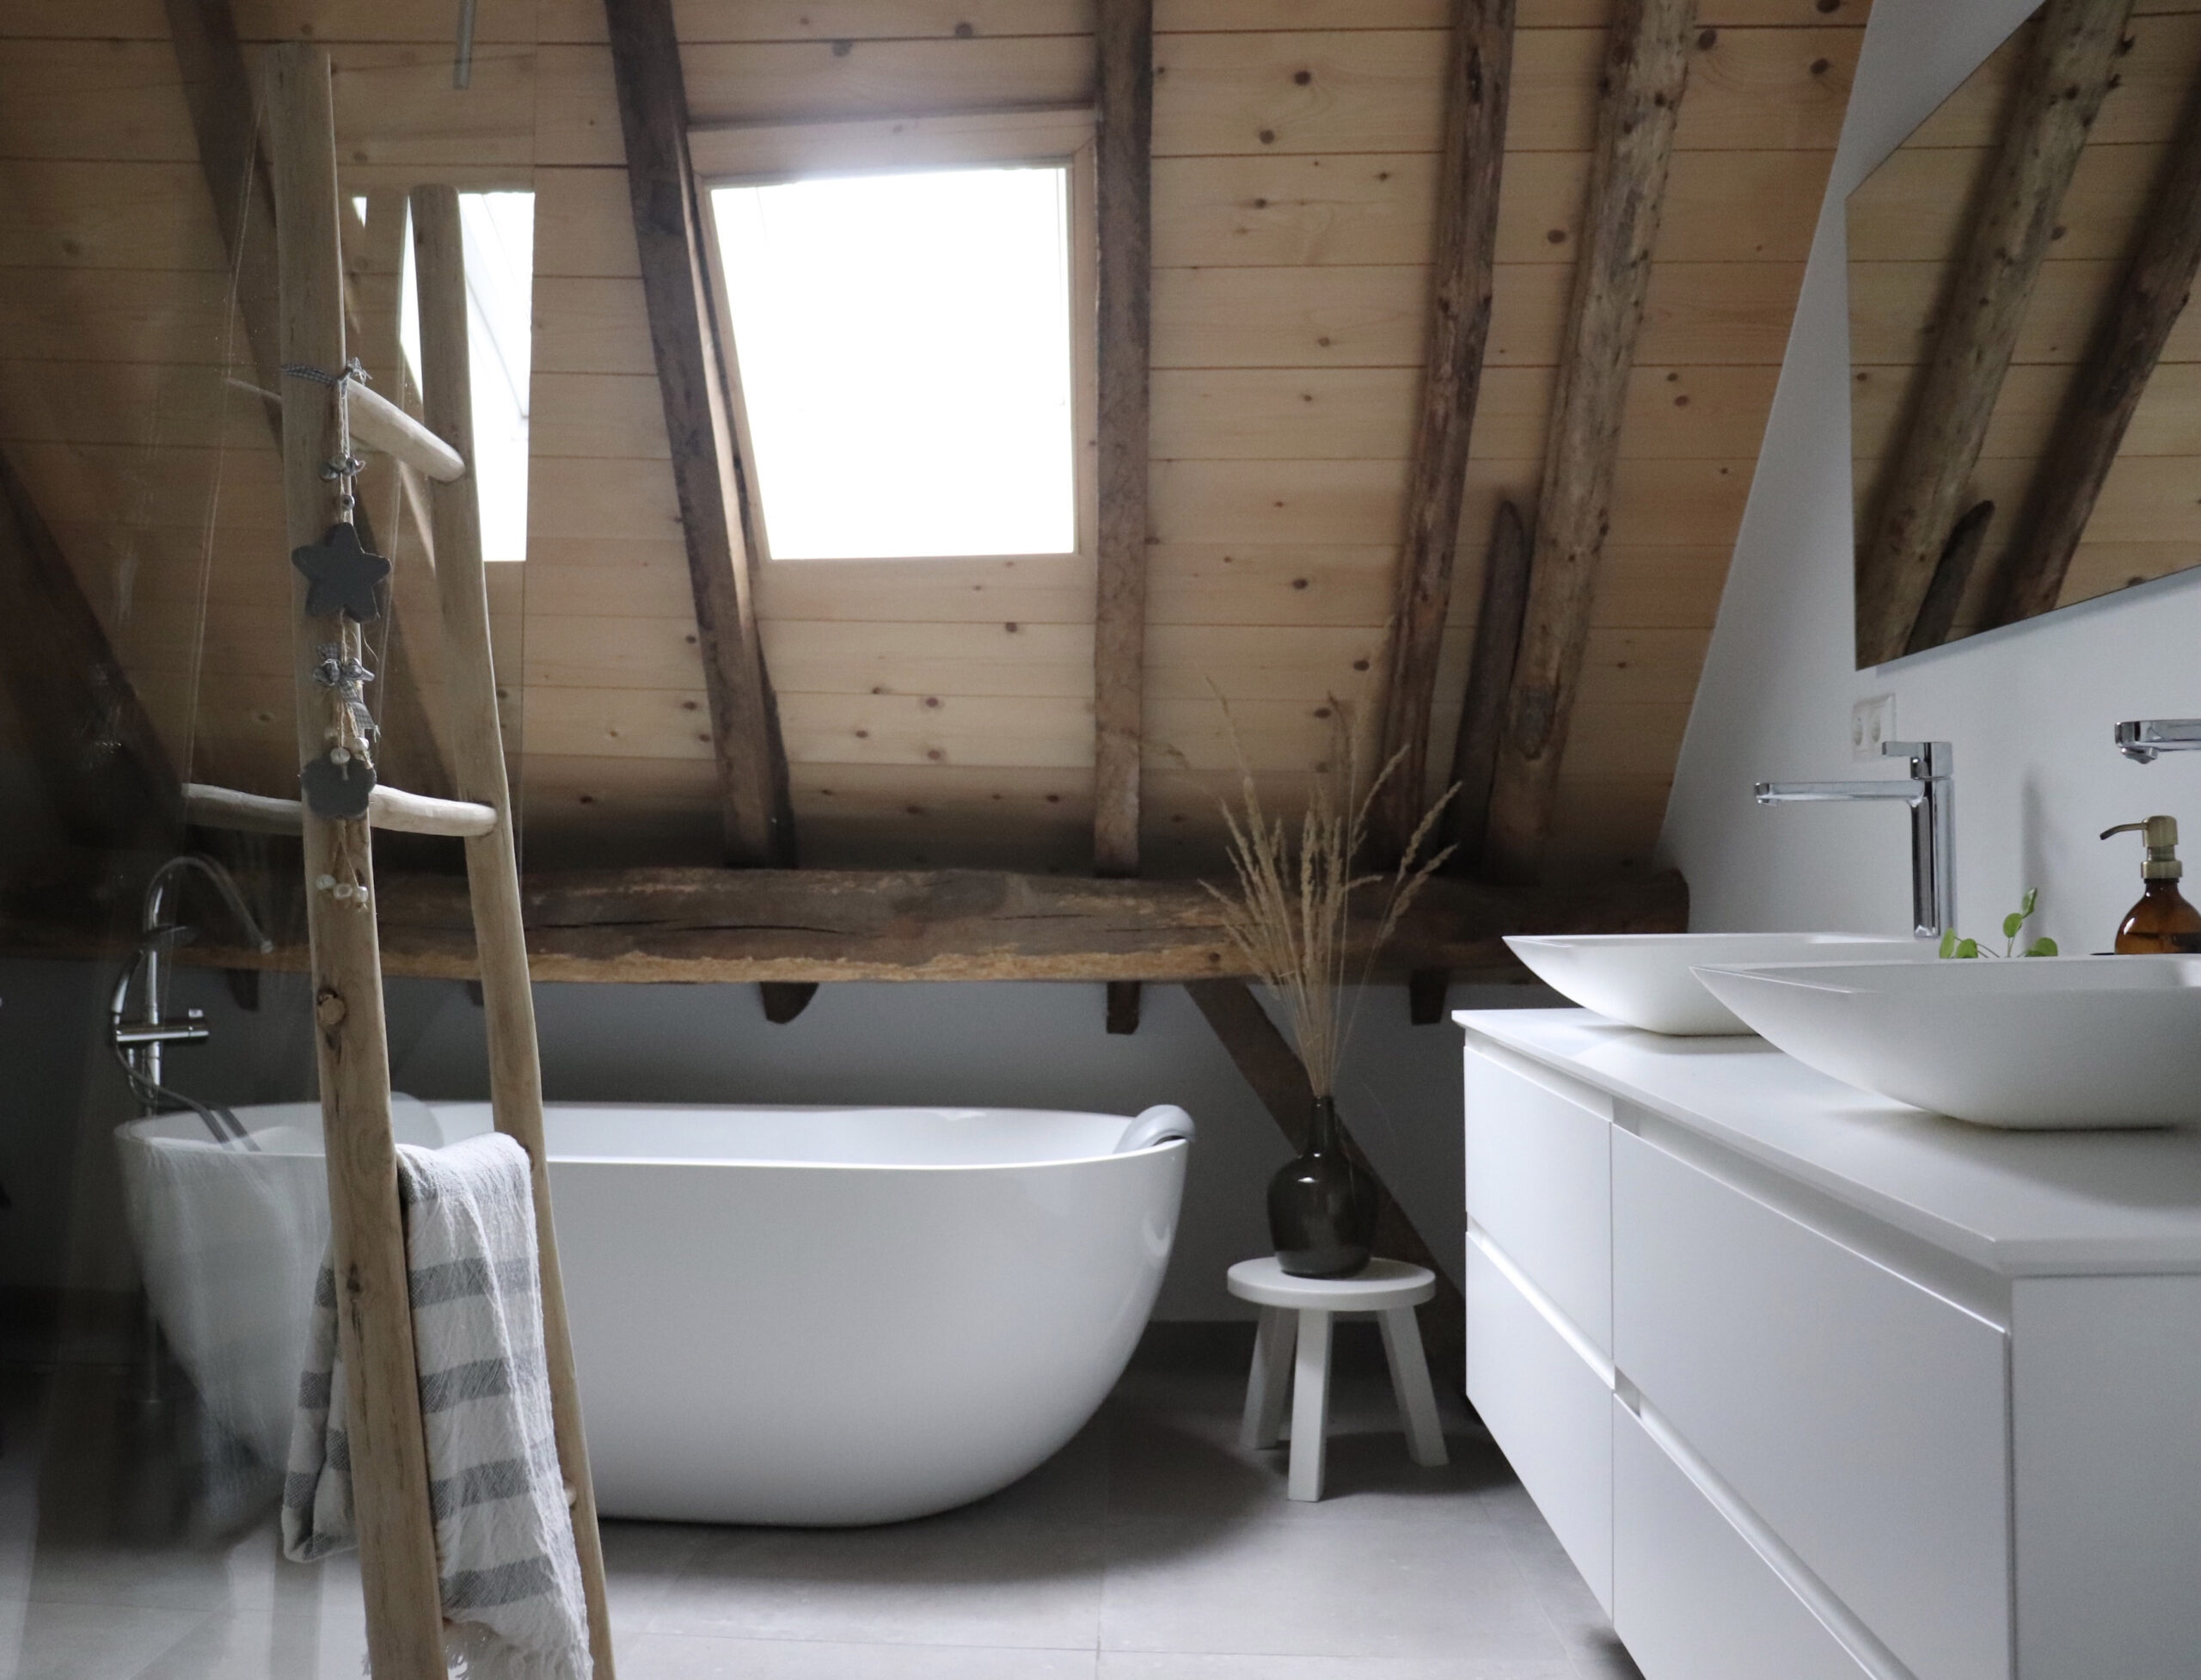 Badkamer bij huizedop binnenkijker